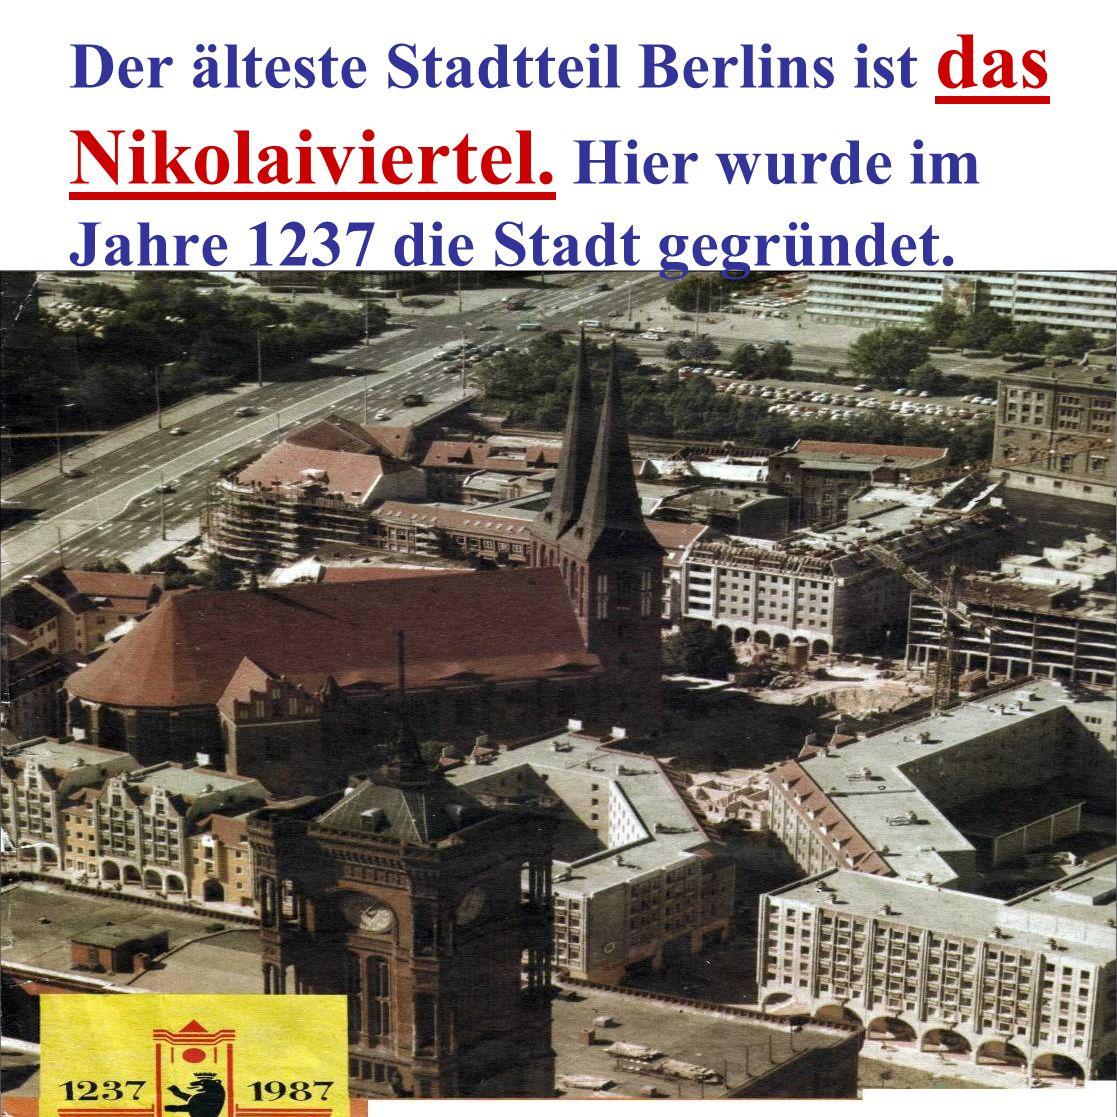 Der älteste Stadtteil Berlins ist das Nikolaiviertel